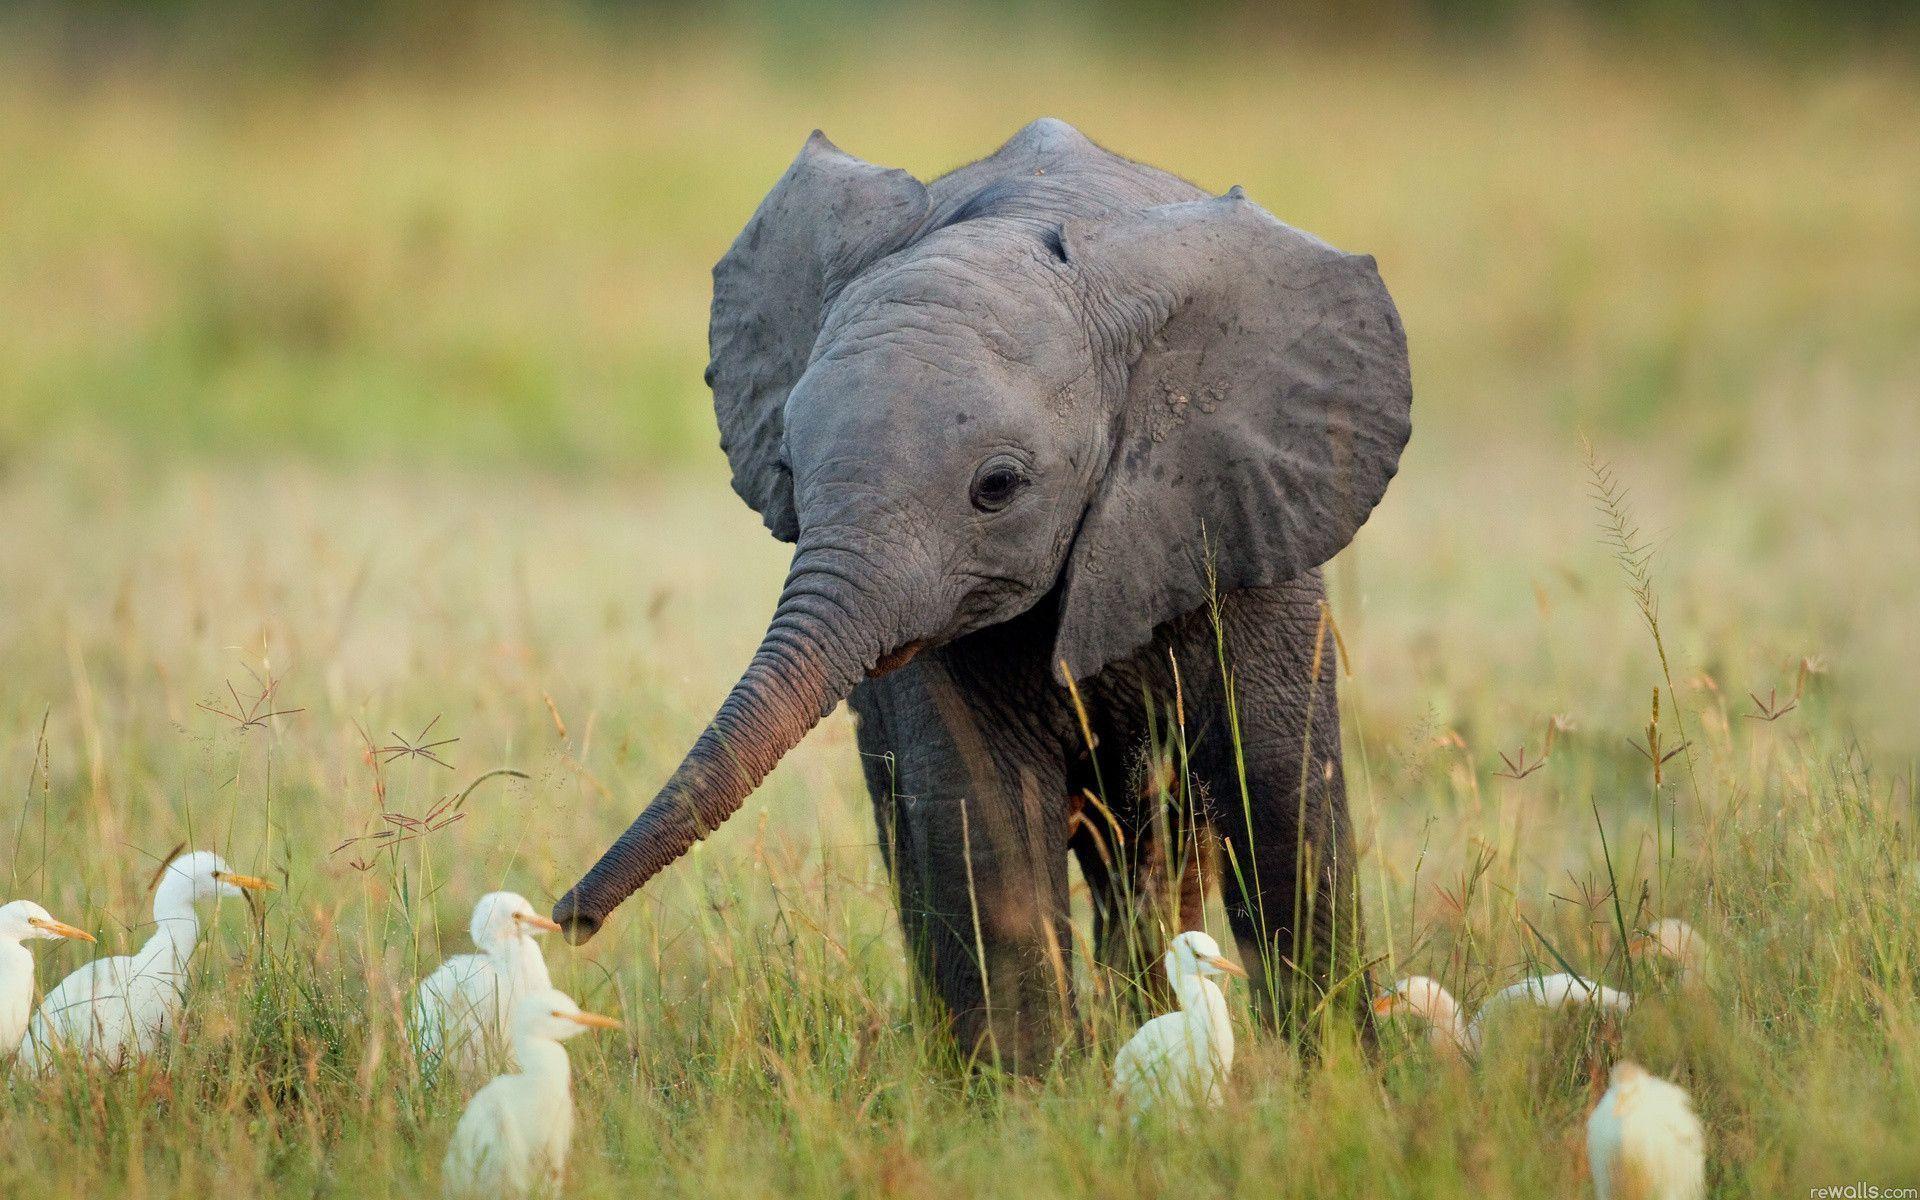 Download Elephant Birds Nature Desktop Wallpaper